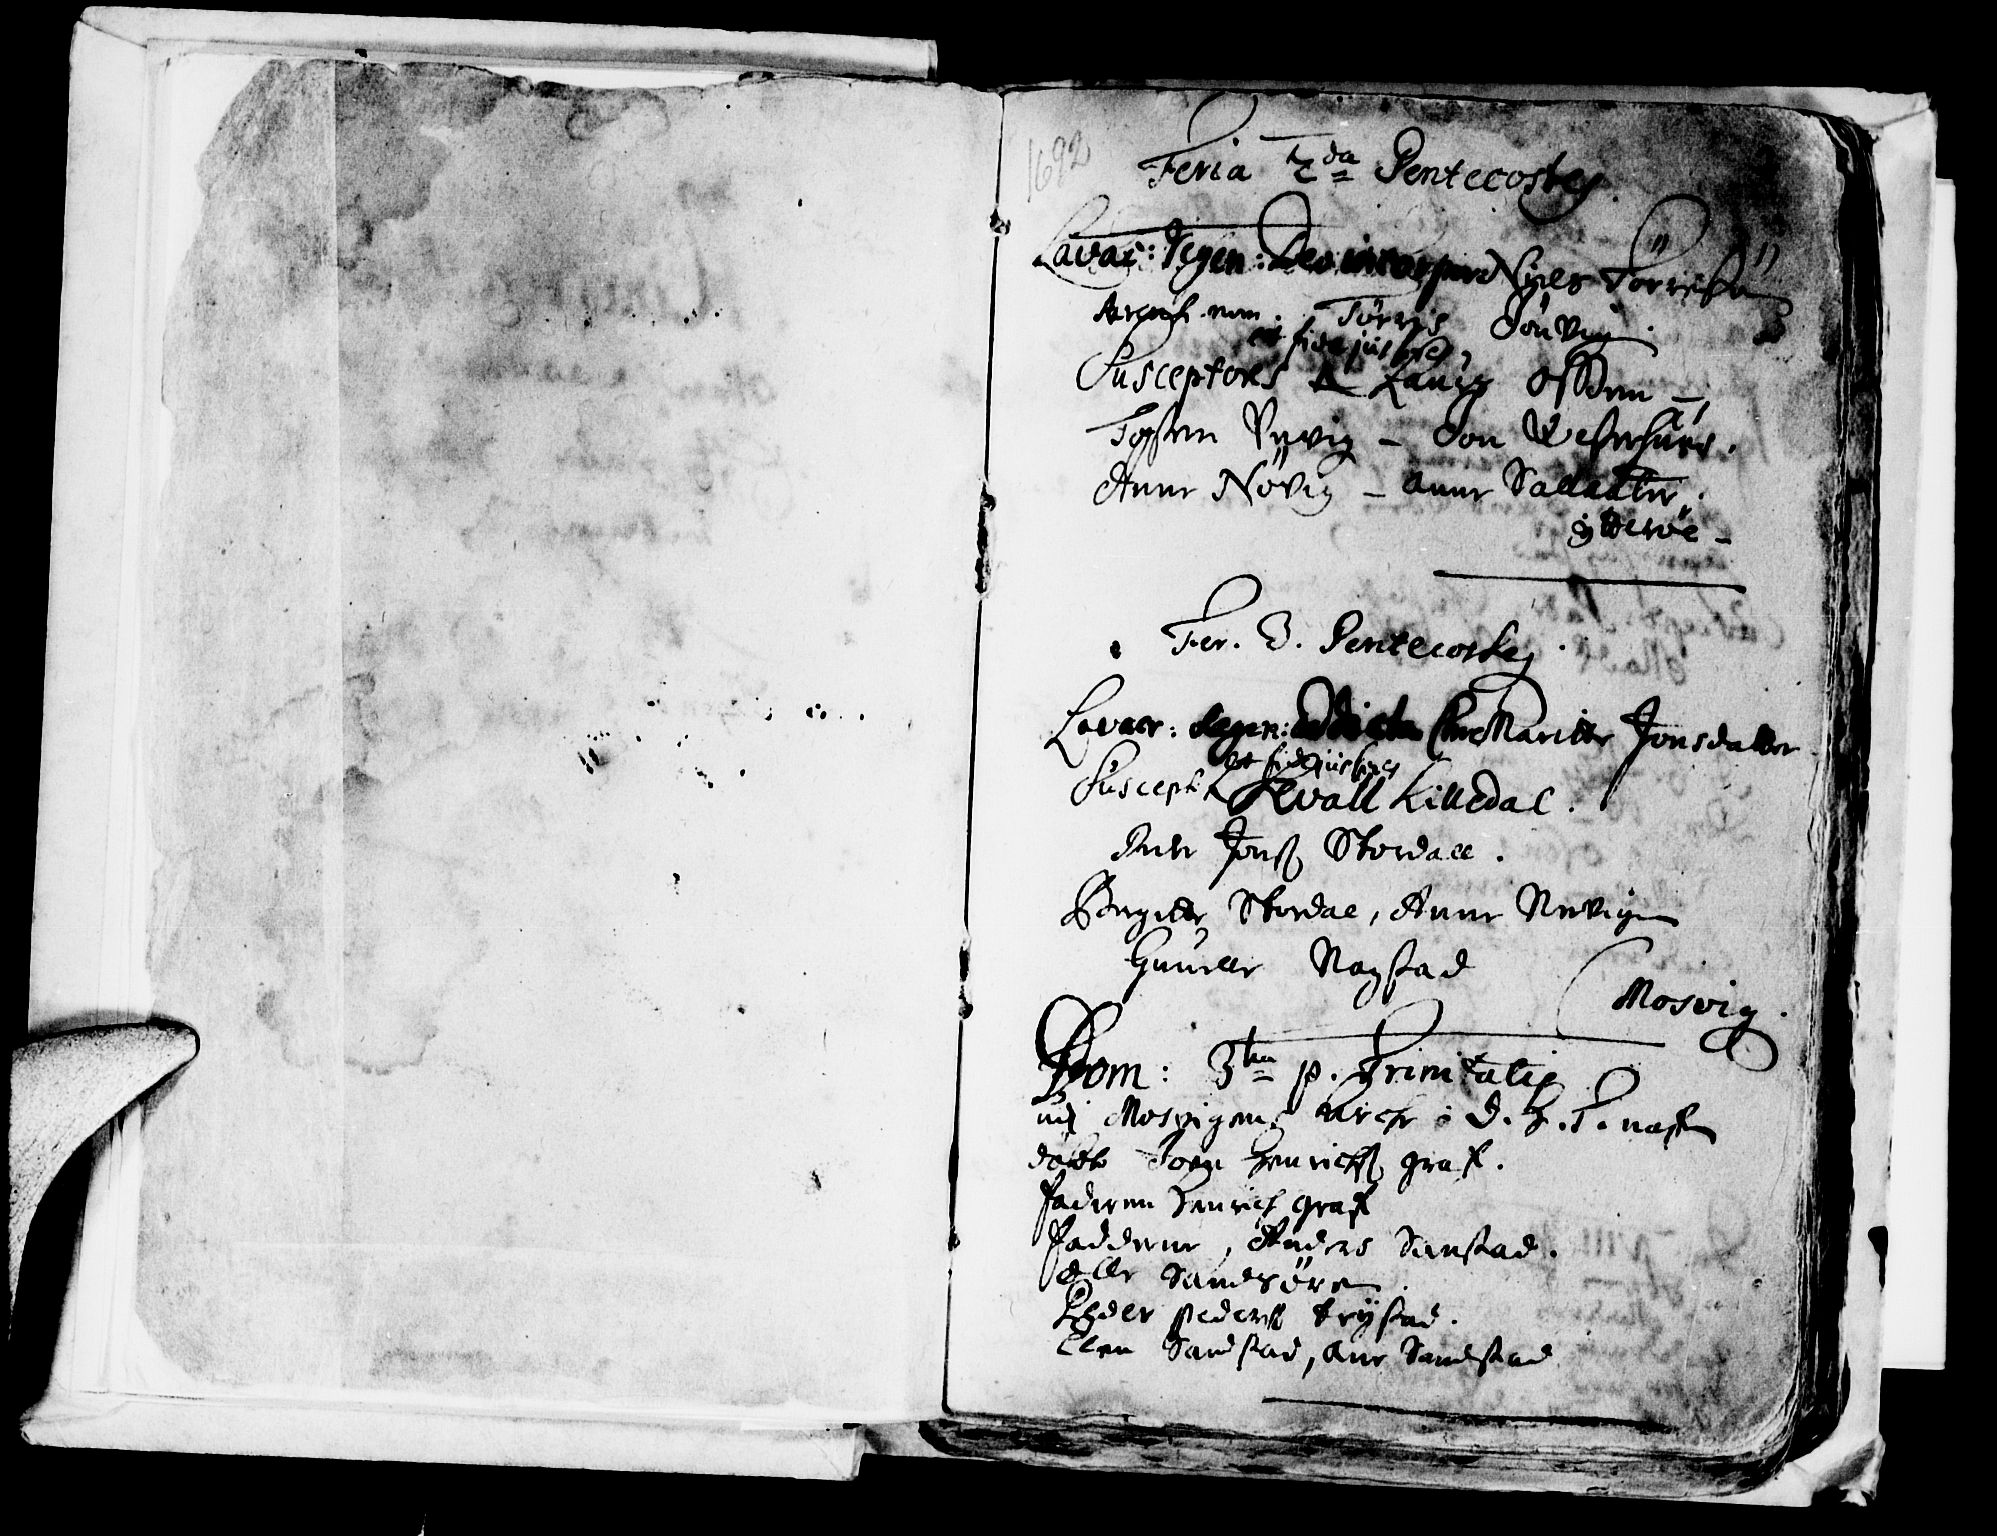 SAT, Ministerialprotokoller, klokkerbøker og fødselsregistre - Nord-Trøndelag, 722/L0214: Ministerialbok nr. 722A01, 1692-1718, s. 2